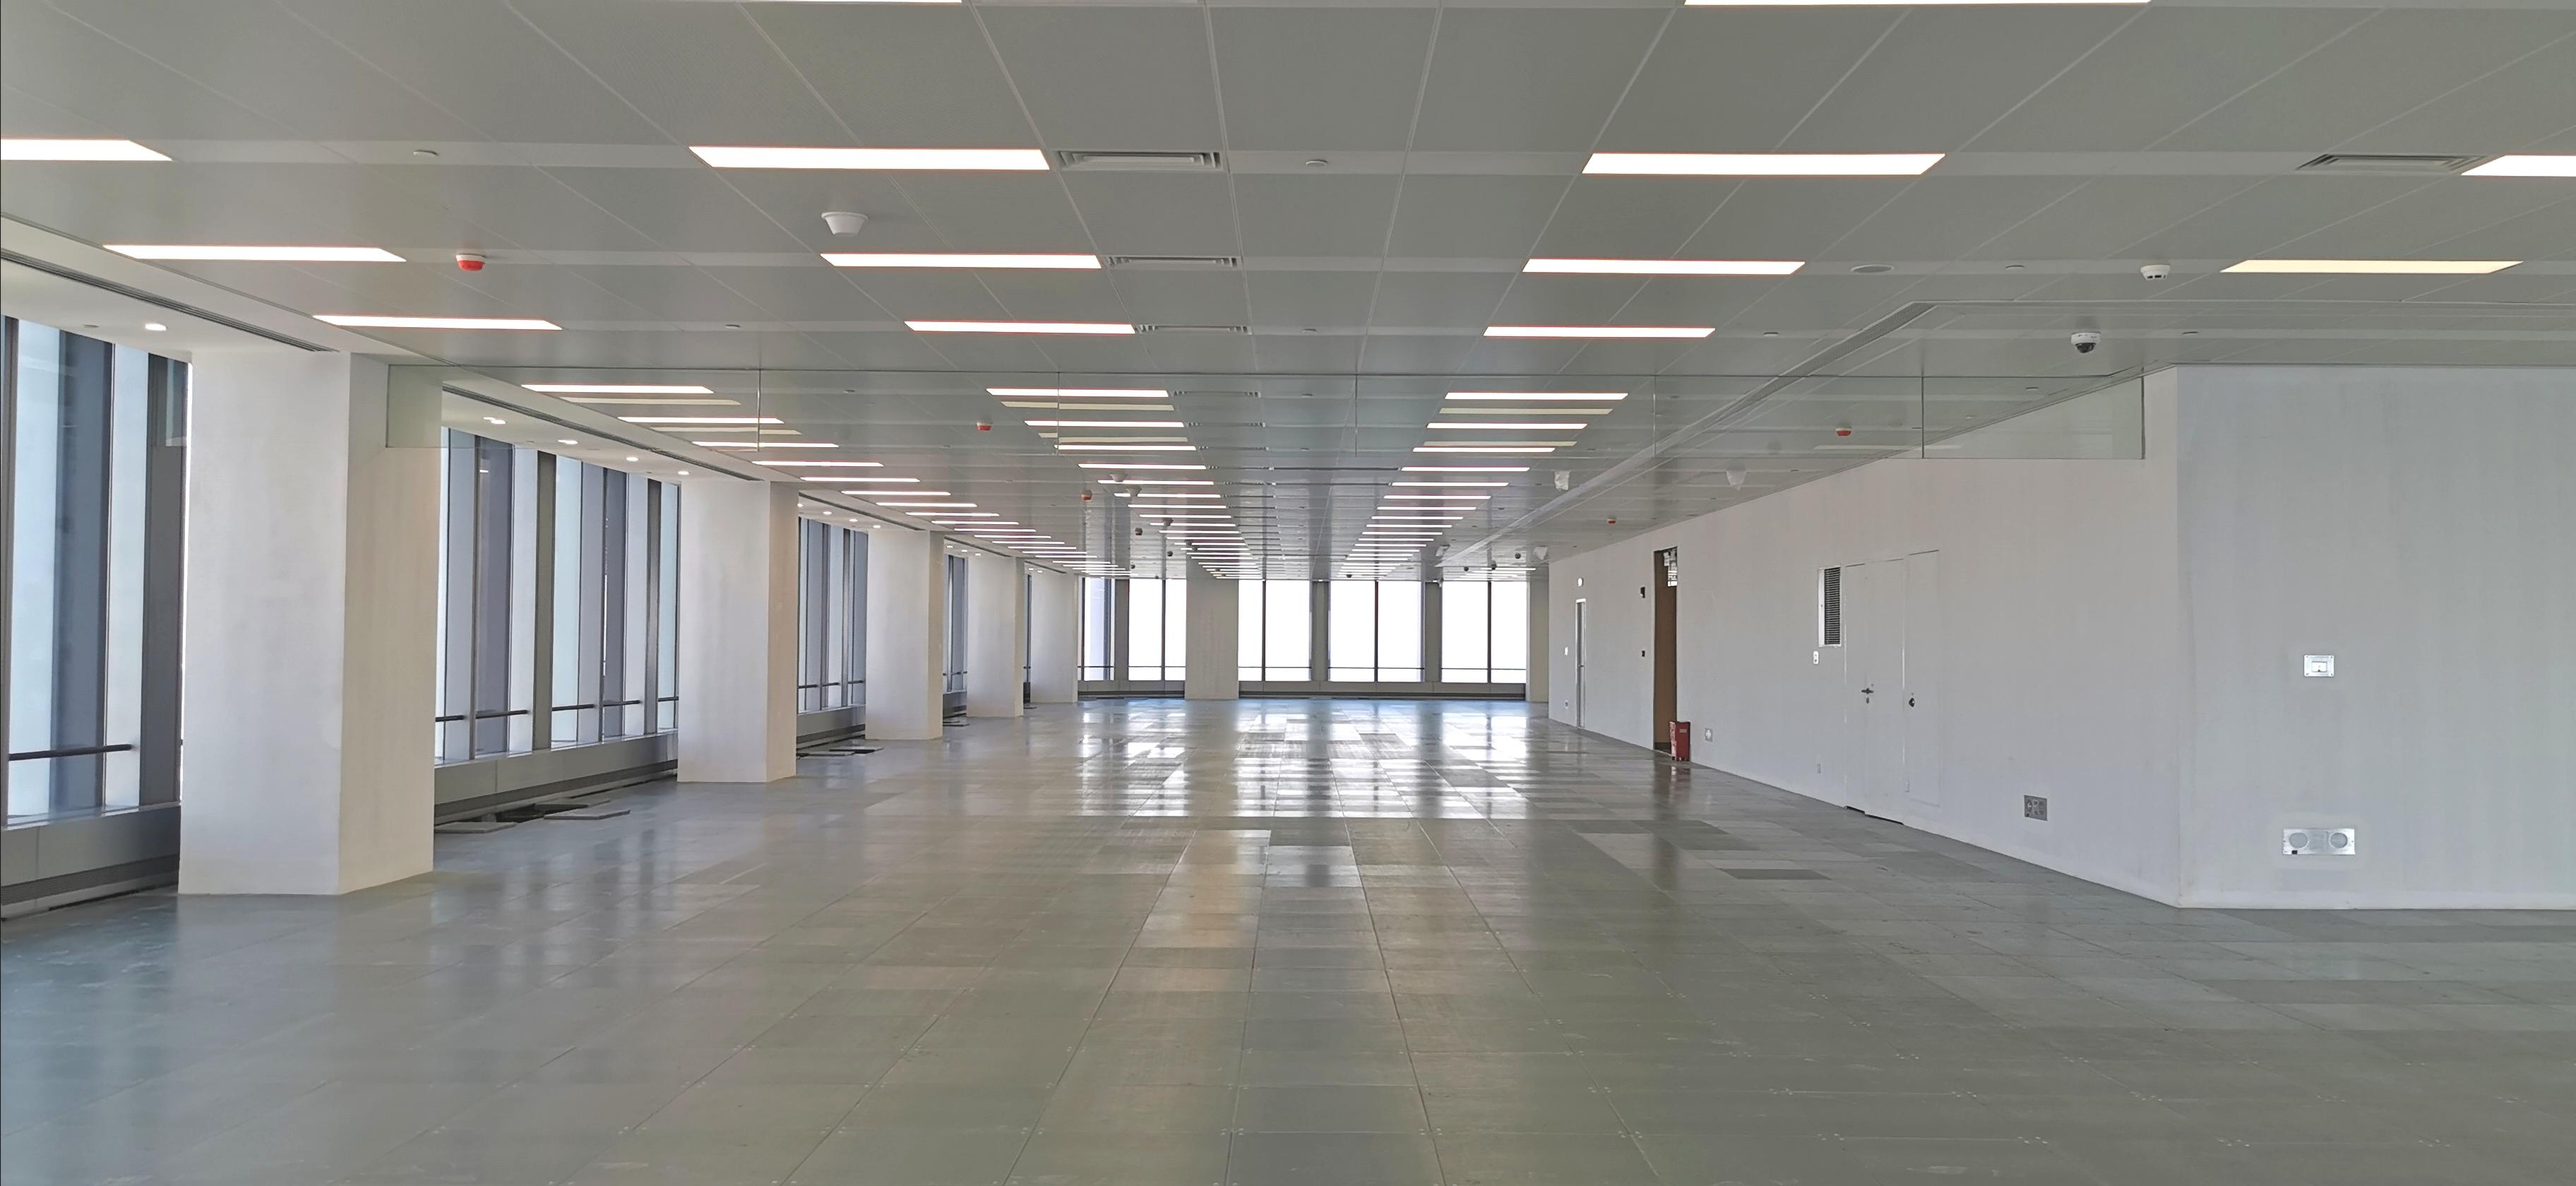 前滩中心大厦出租654平写字楼标准交付